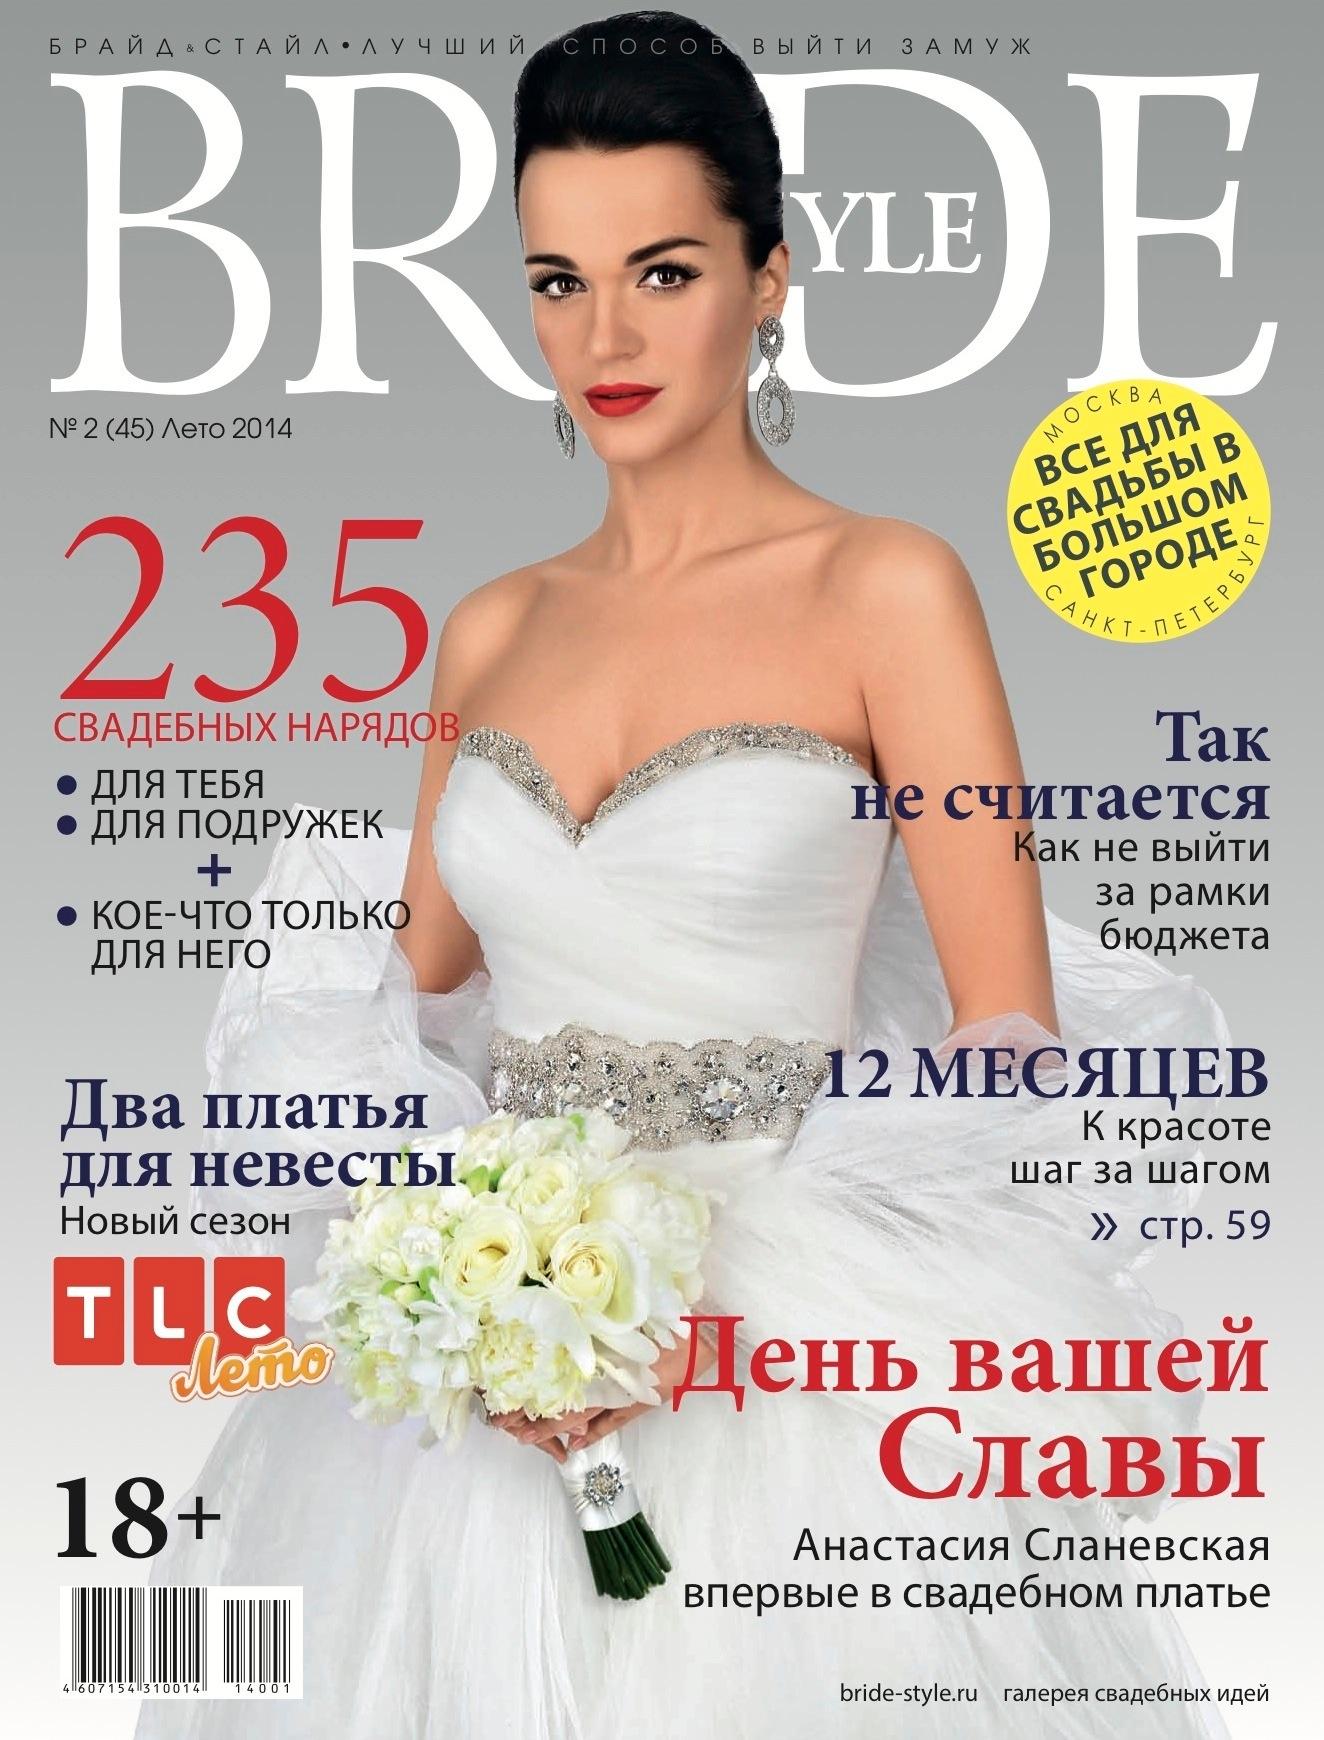 Свадебный журнал BRIDE. Лето 2014